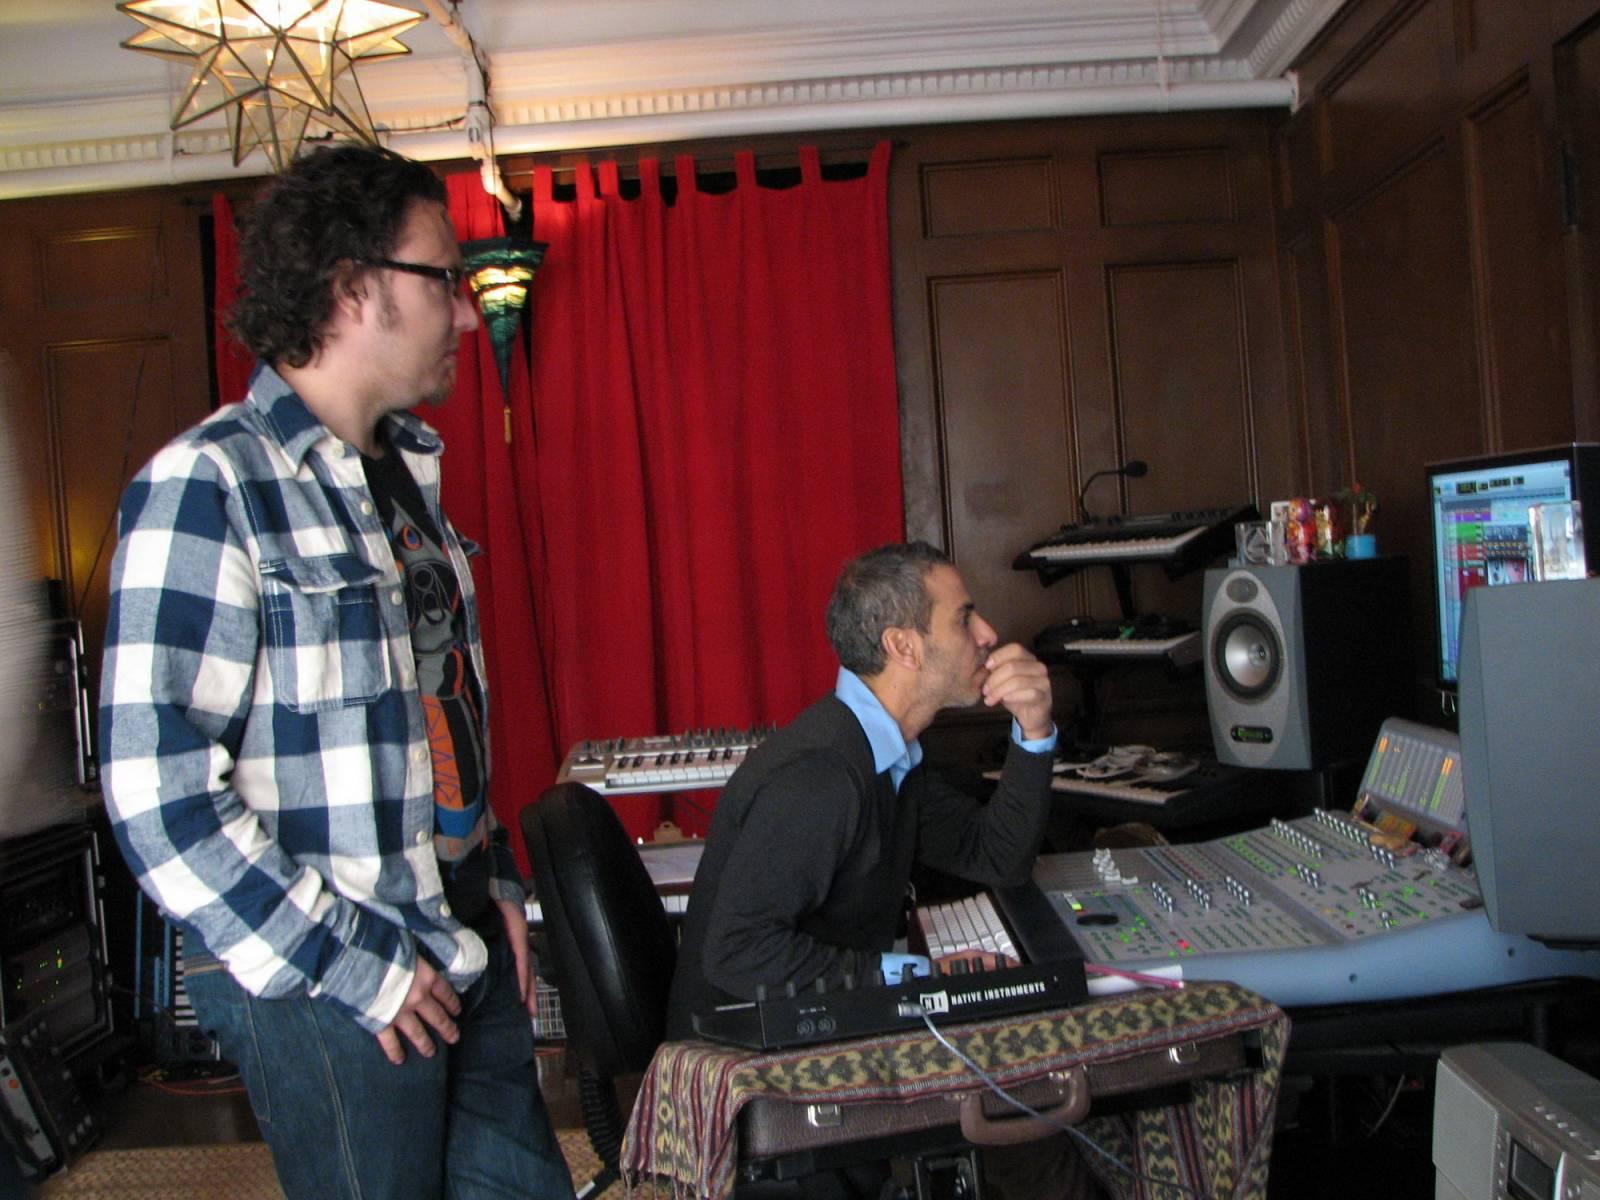 Carmen Rizzo: dělal pro Alanis Morissette a Coldplay, teď pomáhá Slovákům